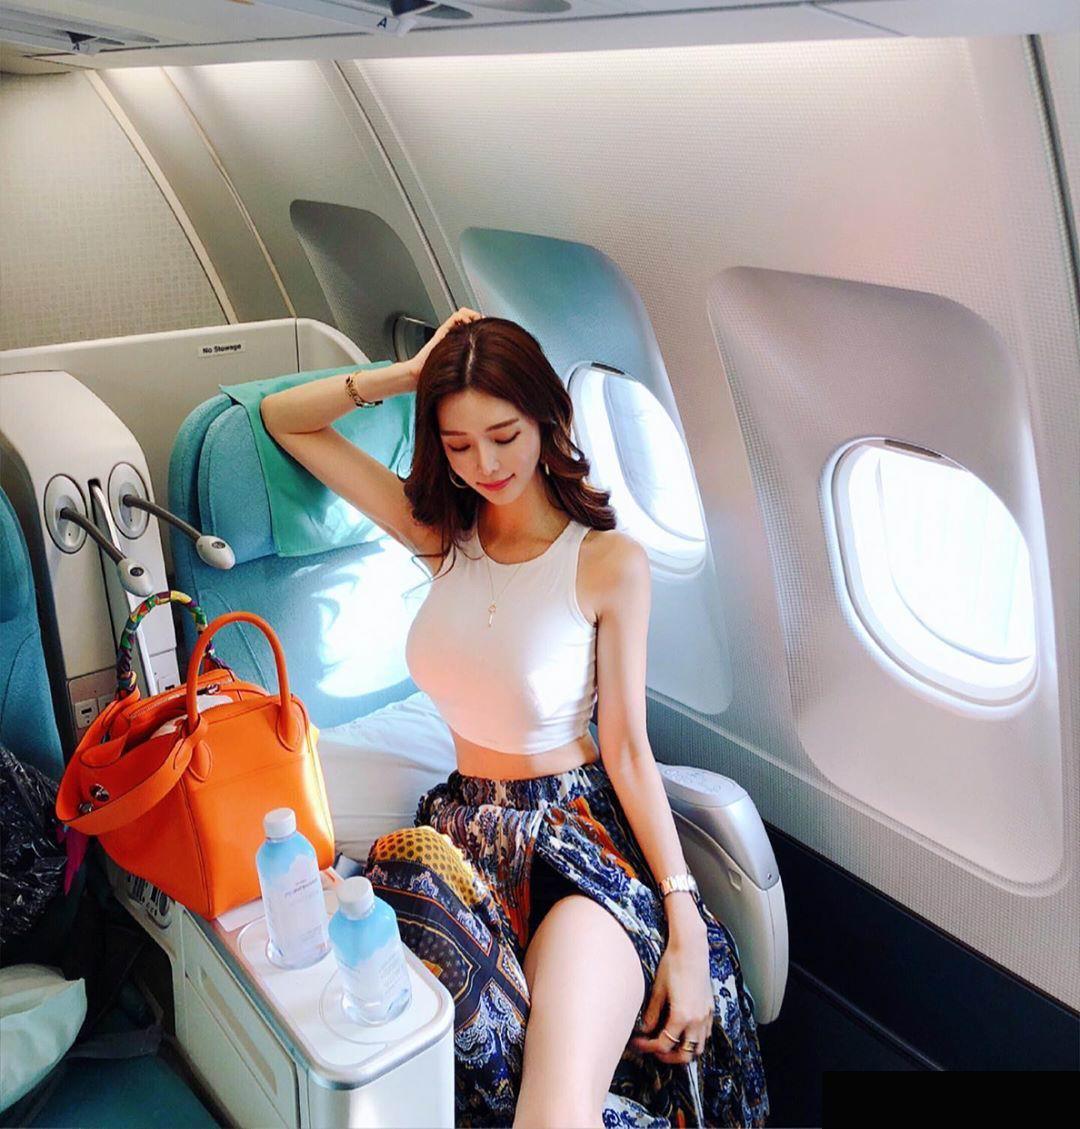 浑圆天成的亚洲女孩超耐看!manyo_yoojin美图集!